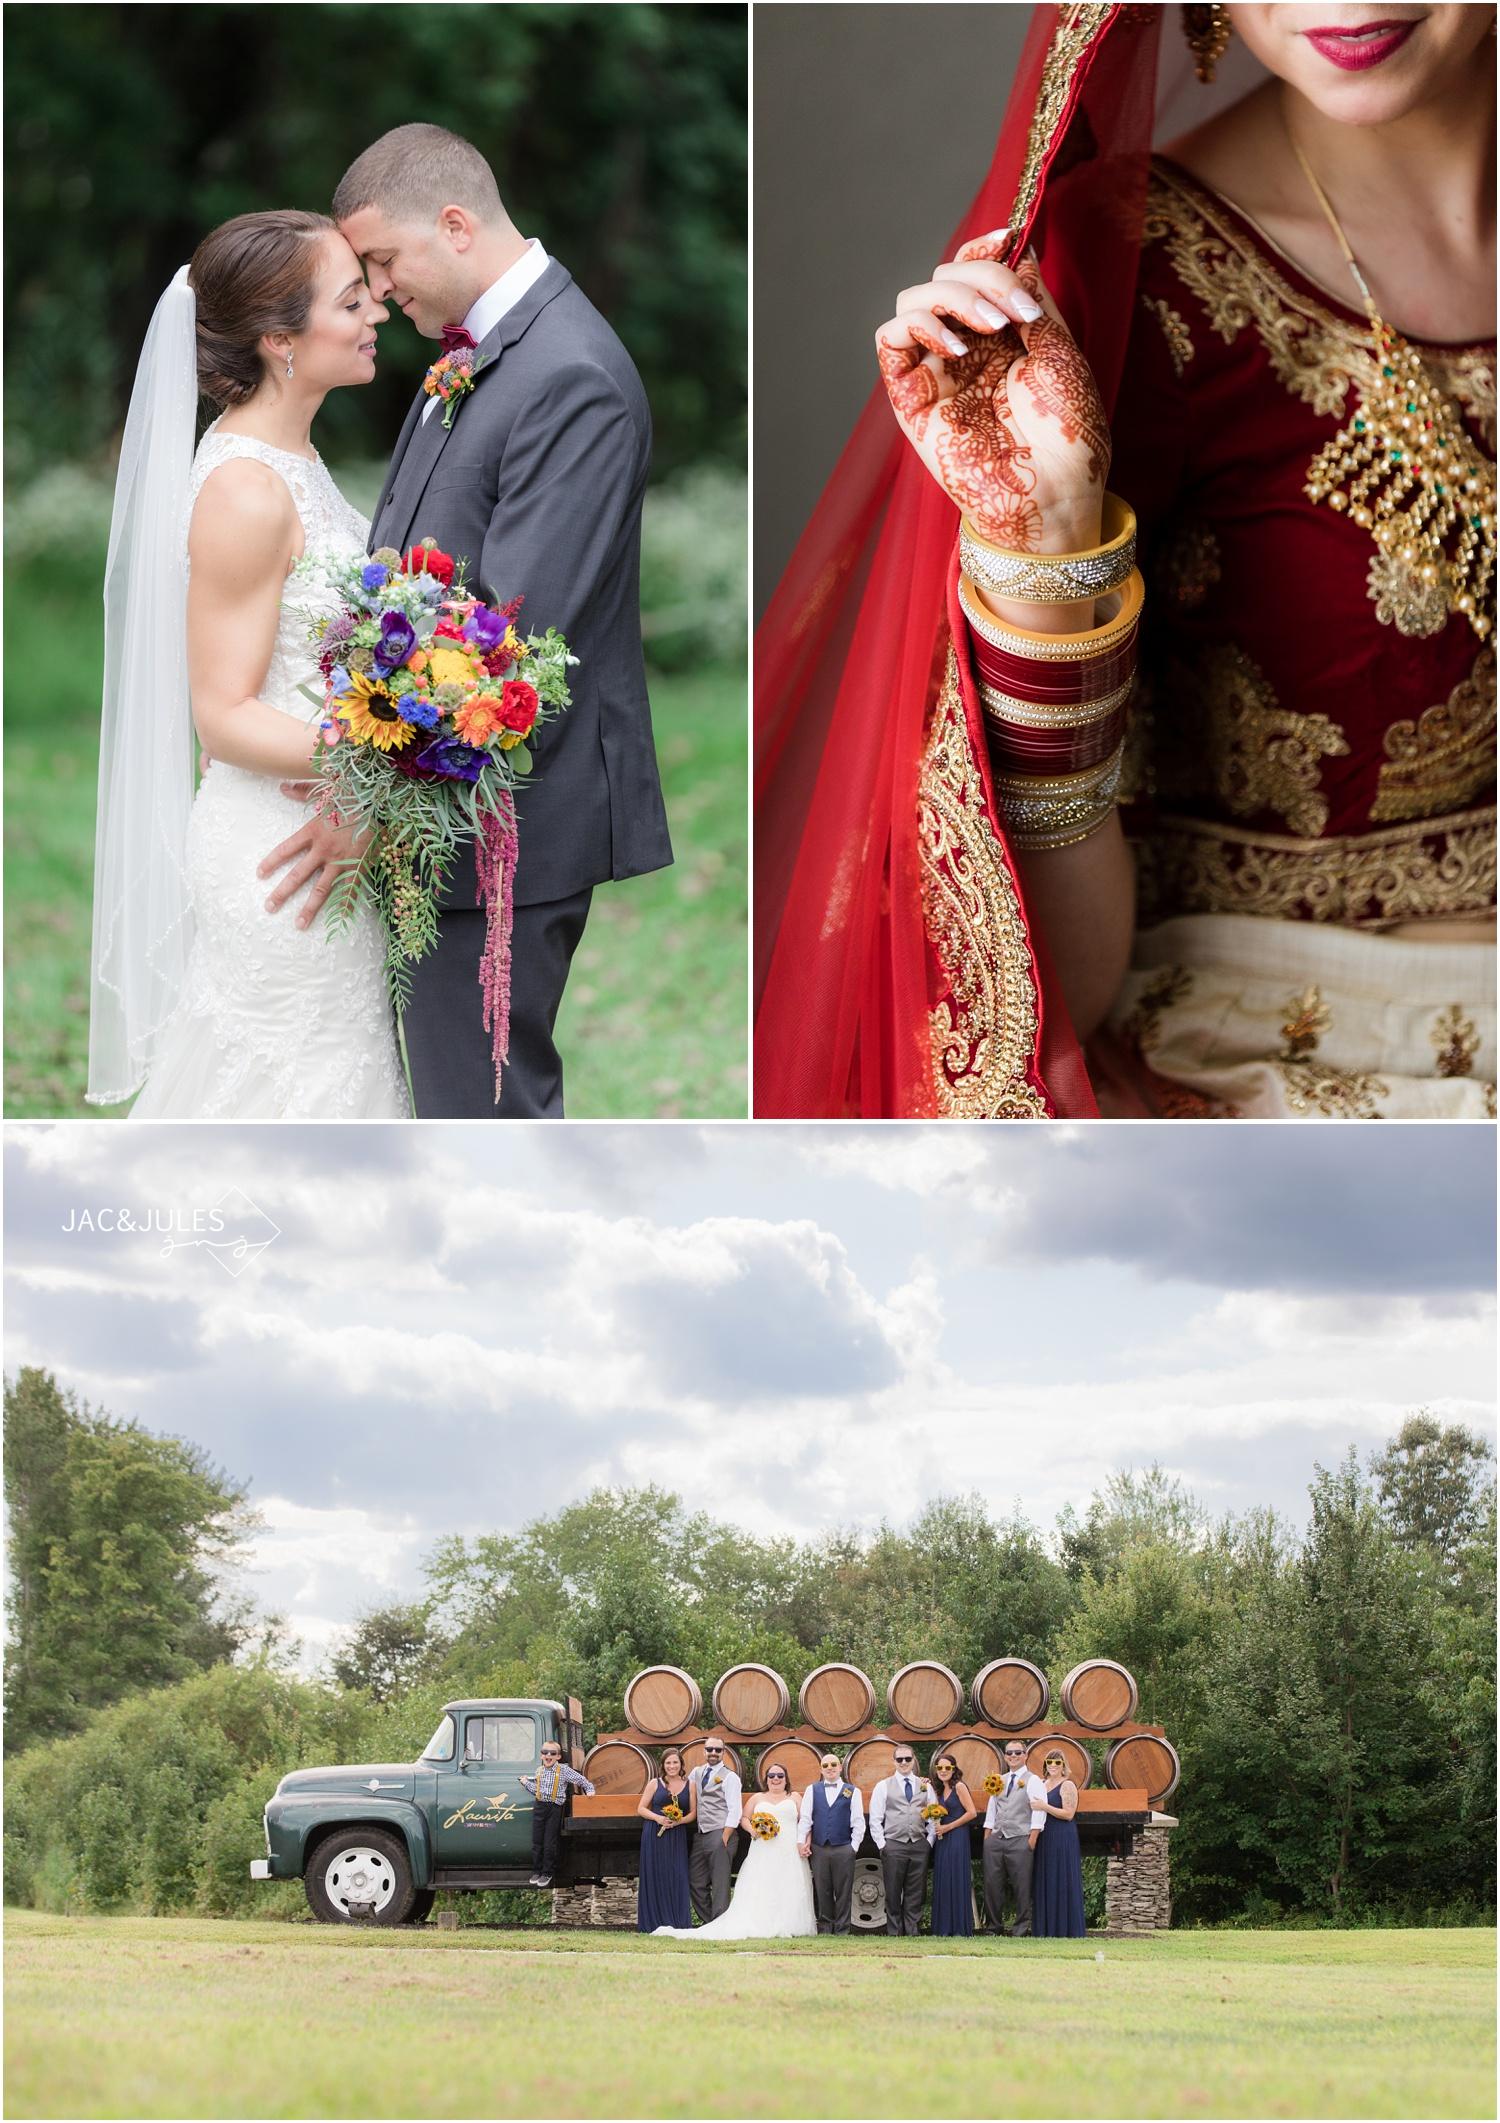 Wedding photo at Perona Farms, Laurita Winery wedding photo, and photo from an Indian Wedding.